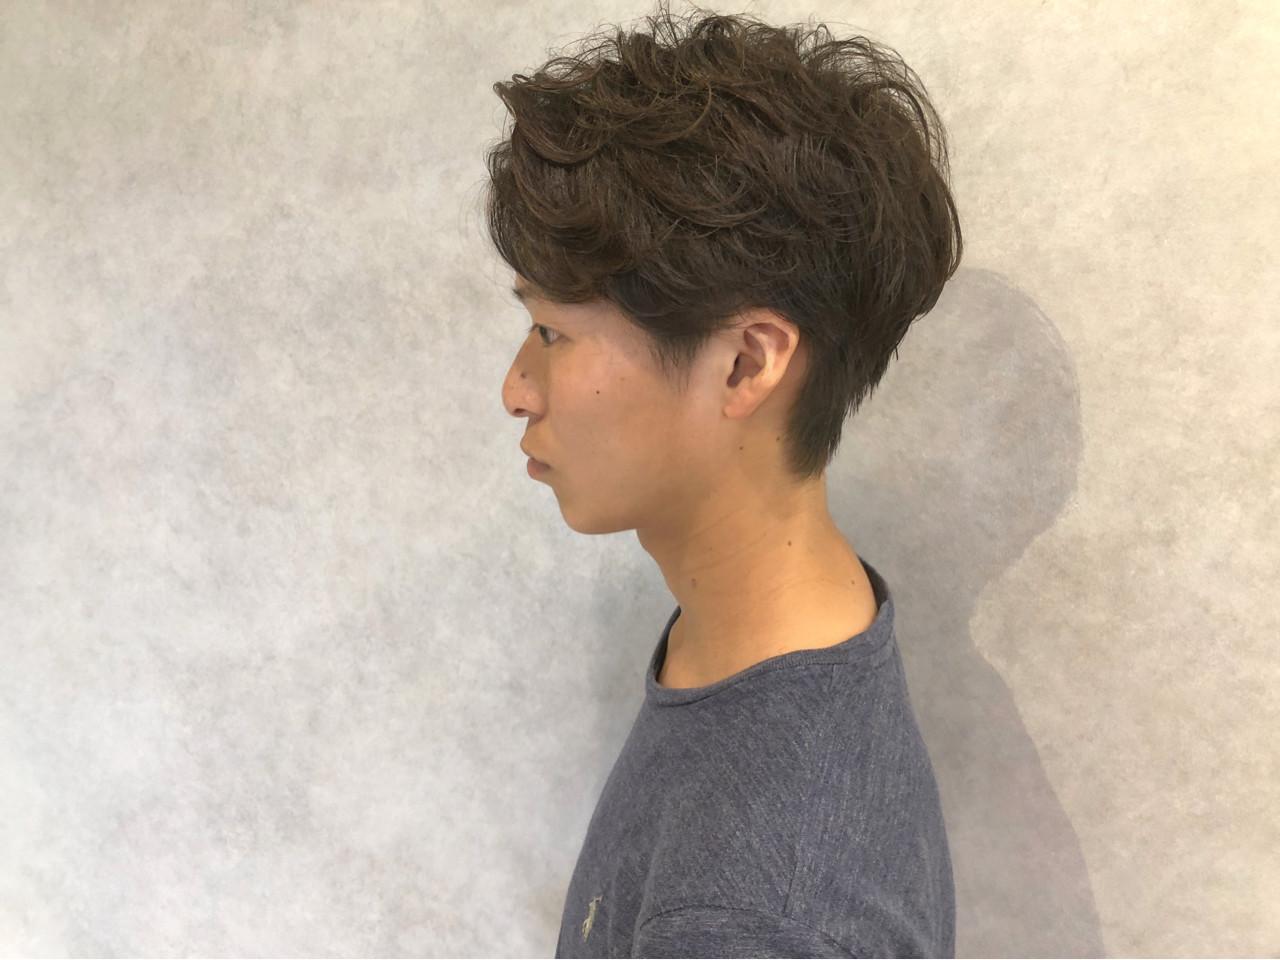 マッシュ ショート モテ髪 パーマ ヘアスタイルや髪型の写真・画像